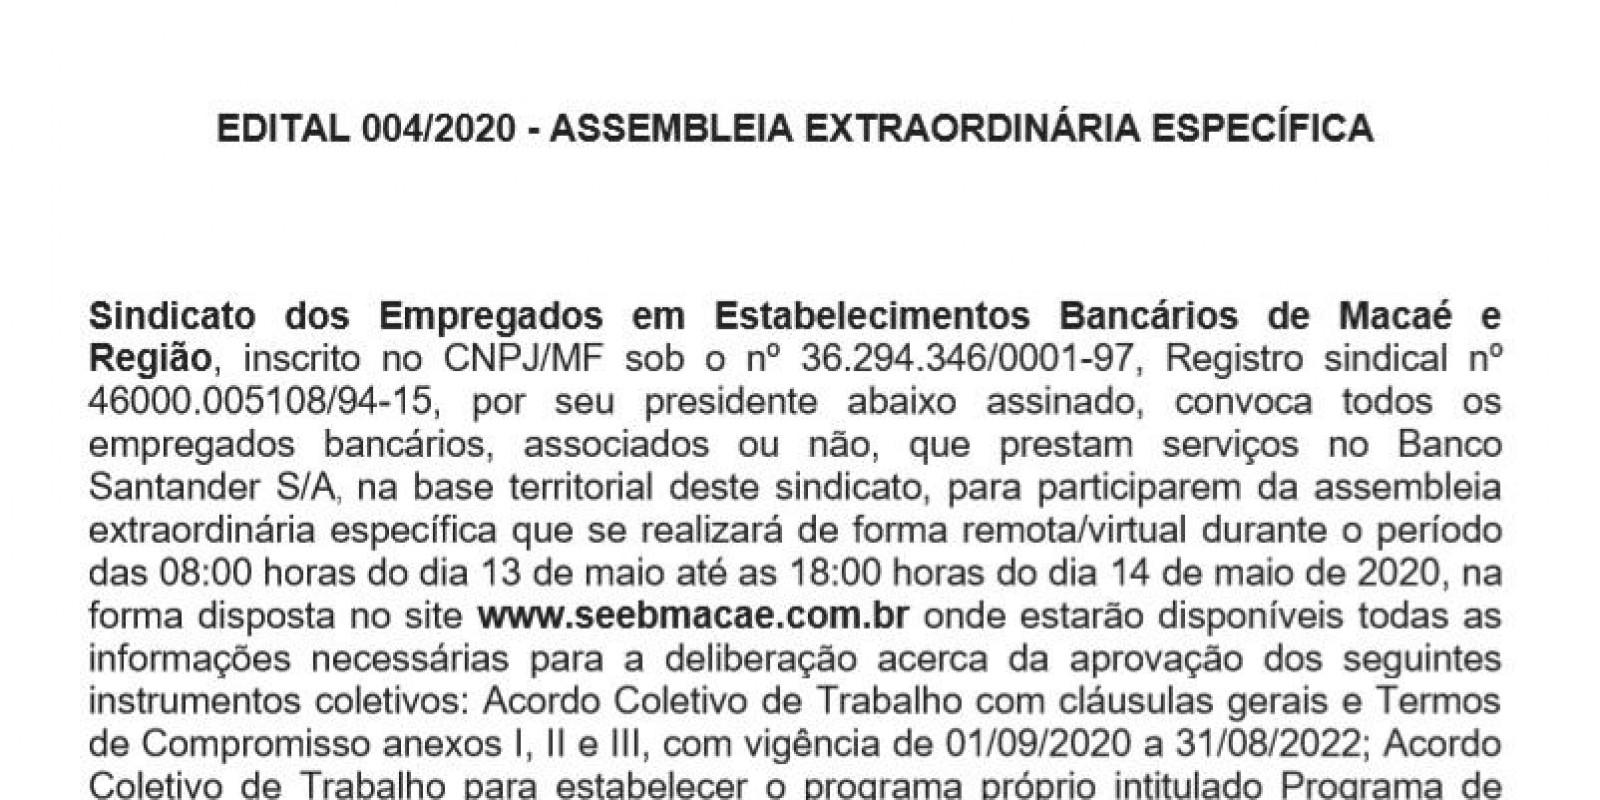 EDITAL 004/2020 - ASSEMBLEIA EXTRAORDINÁRIA ESPECÍFICA - Bancários vão deliberar sobre o acordo com o Banco Santander.